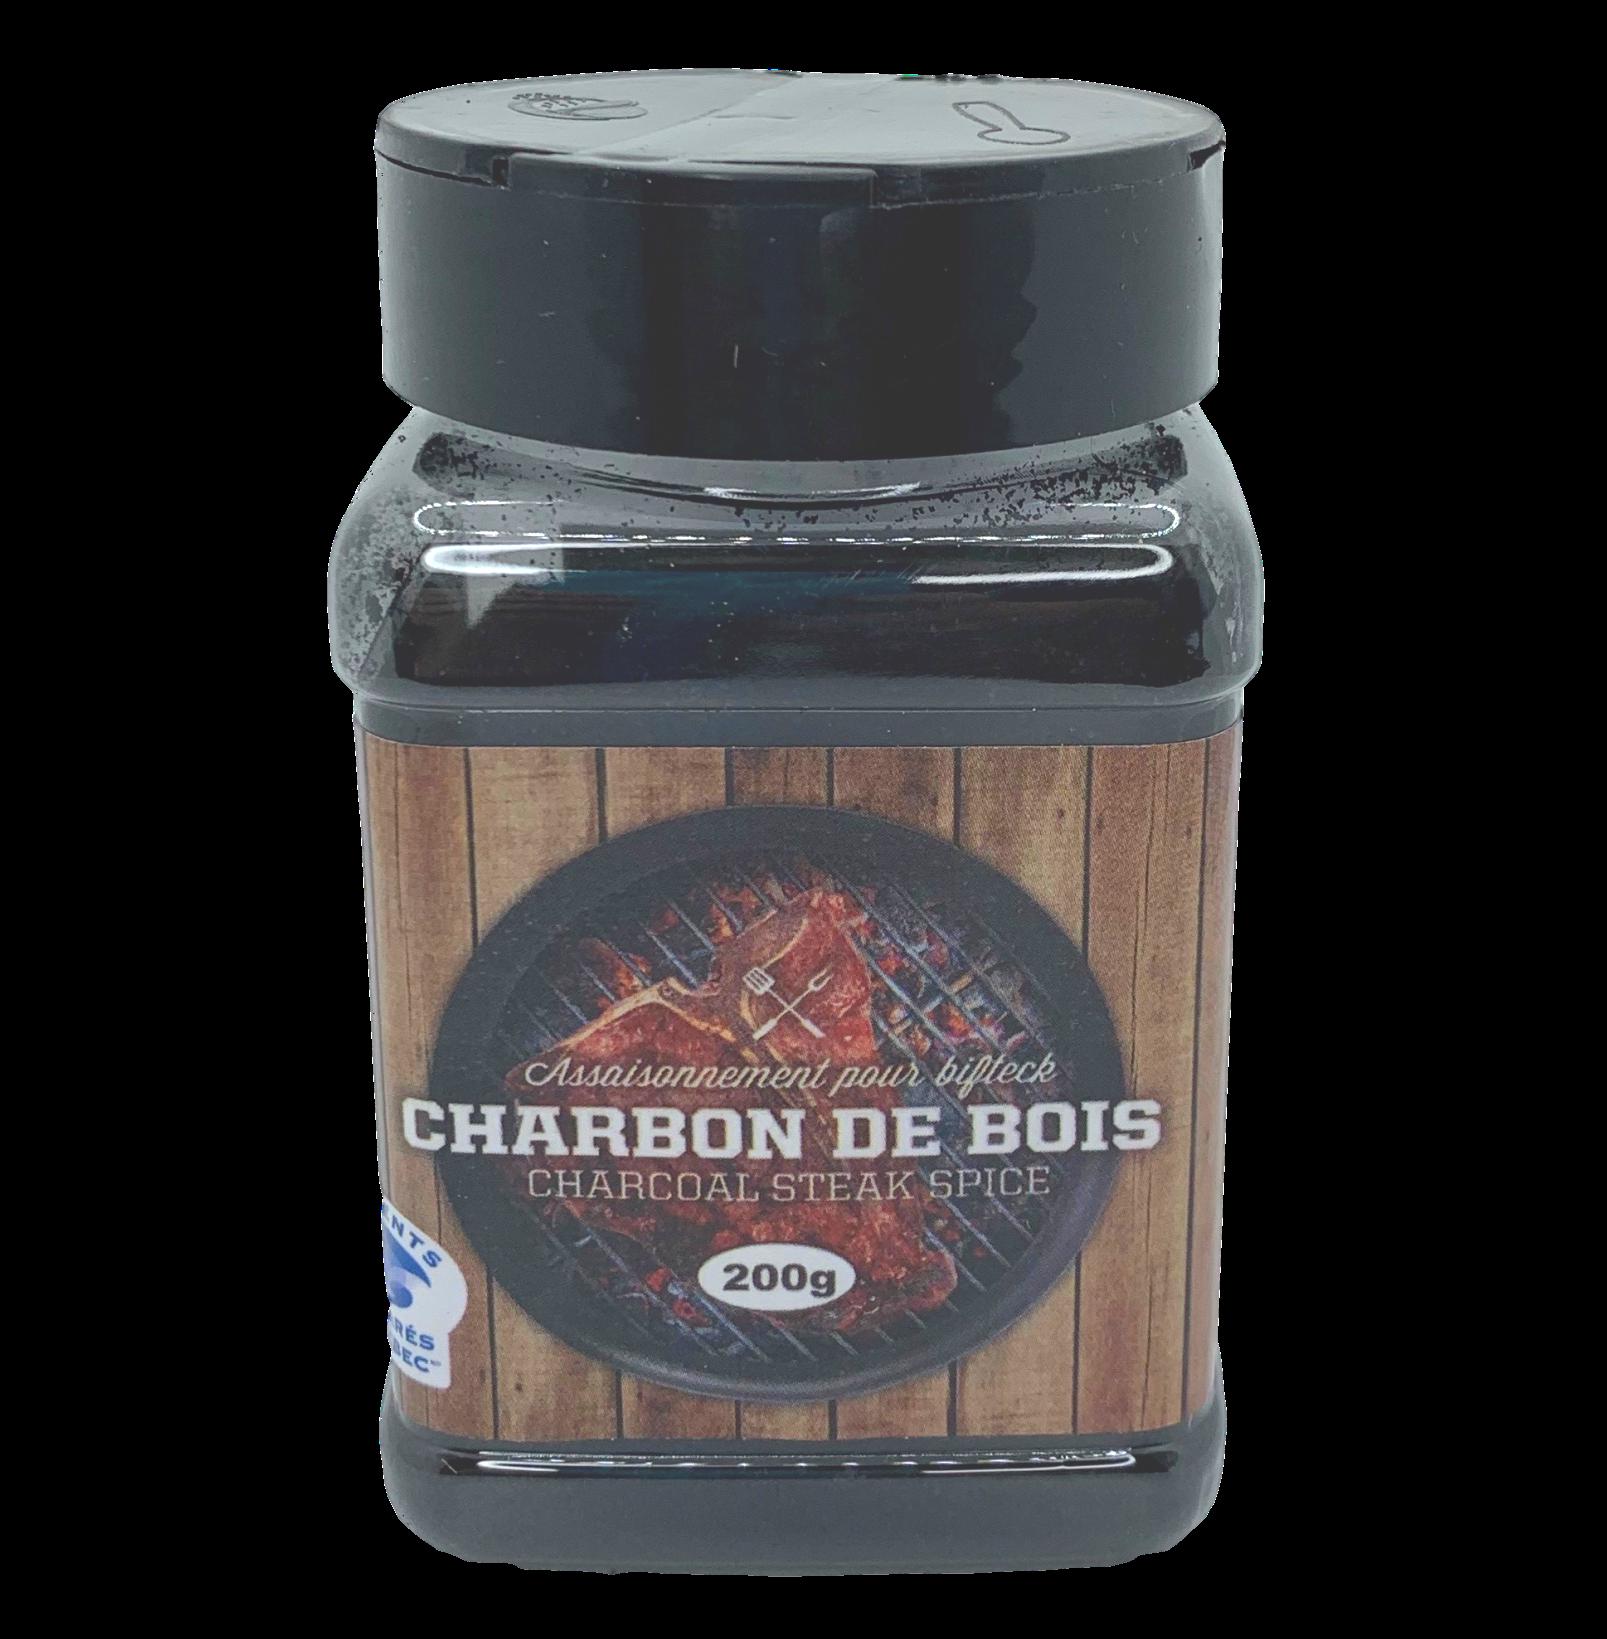 Charbon de bois / steak